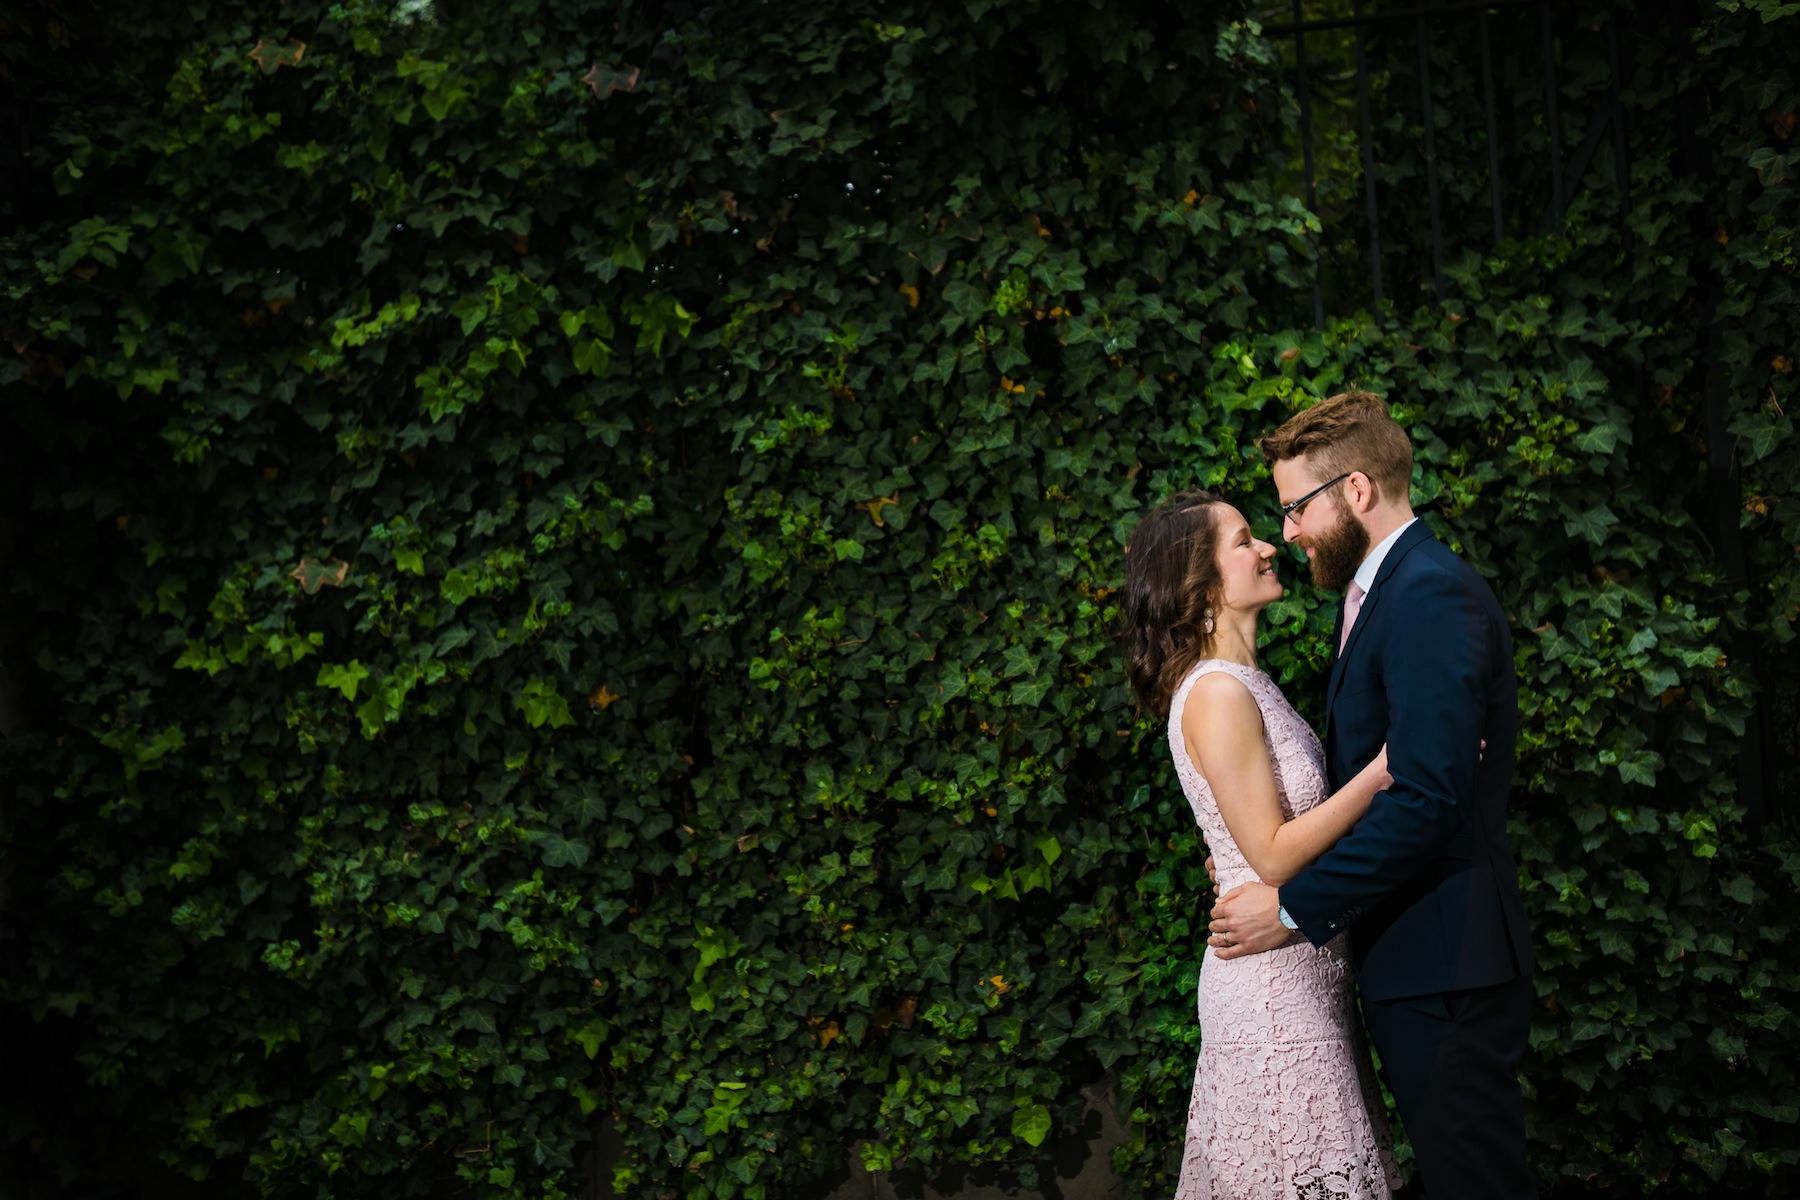 SoHo Engagement Photos